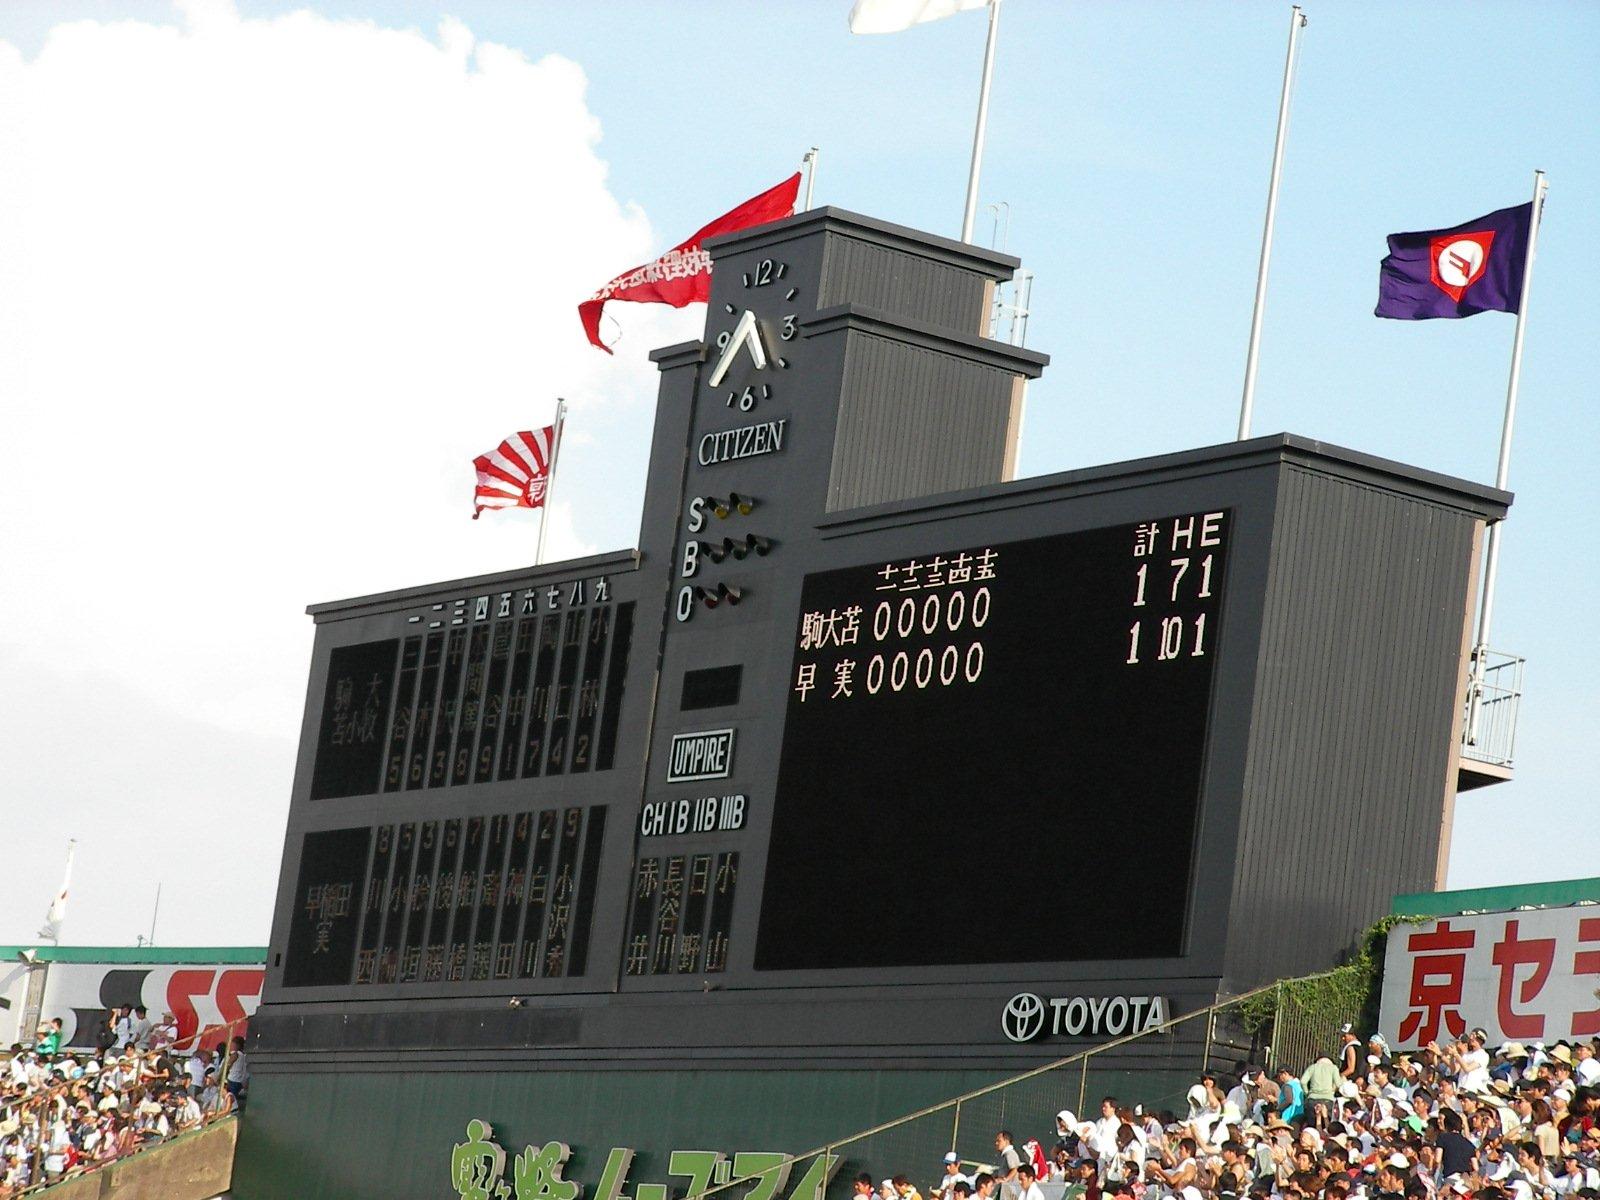 高校野球に広がるタイブレーク化の流れ。目的と体験者の言葉。